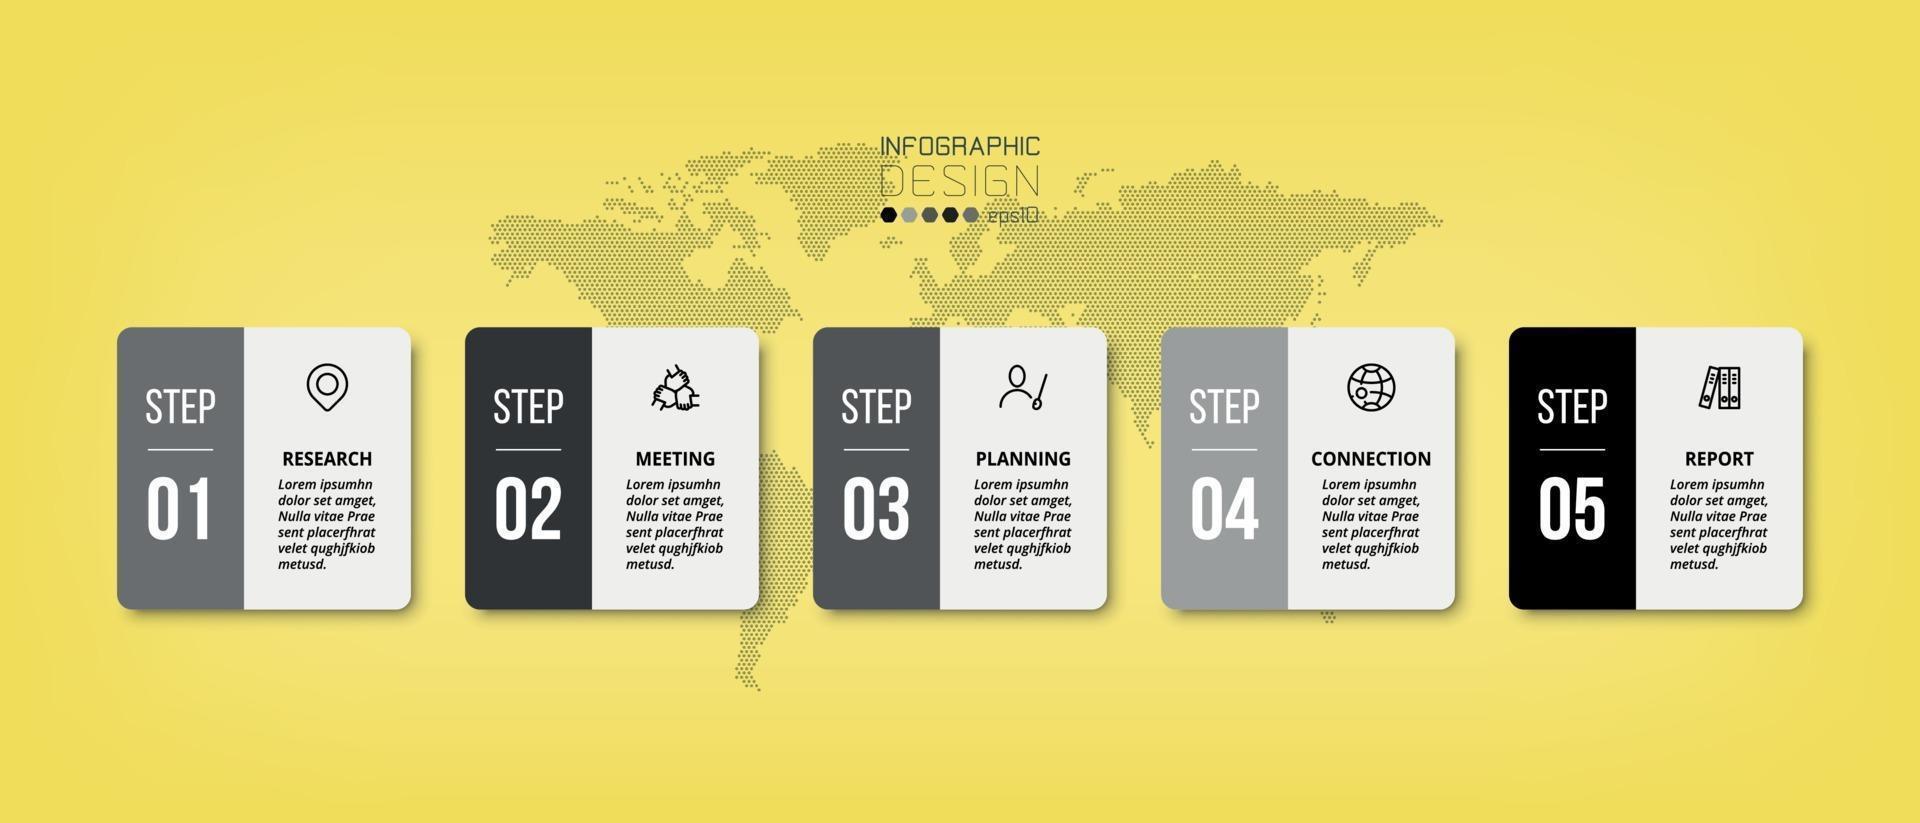 design quadrato, 5 flussi di lavoro. può essere utilizzato per pianificare il lavoro, presentare i risultati e riportare i risultati relativi al business o al marketing. vettore